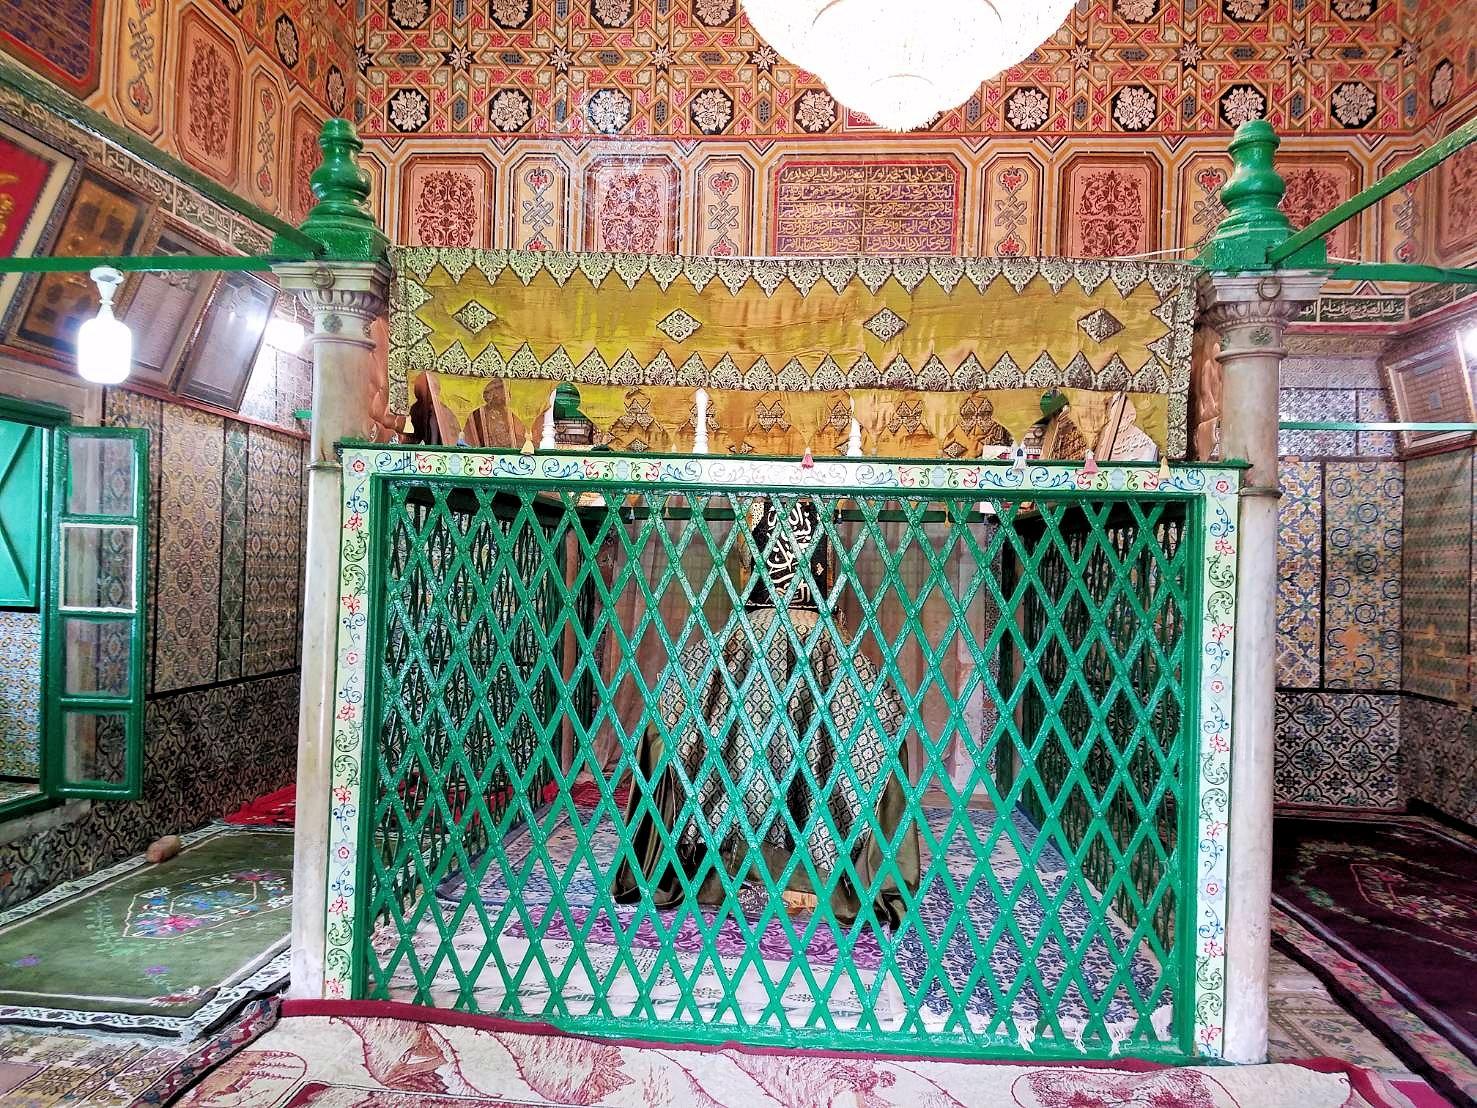 ケロアンのシディ・サハブ霊廟にいたオジサンと記念撮影